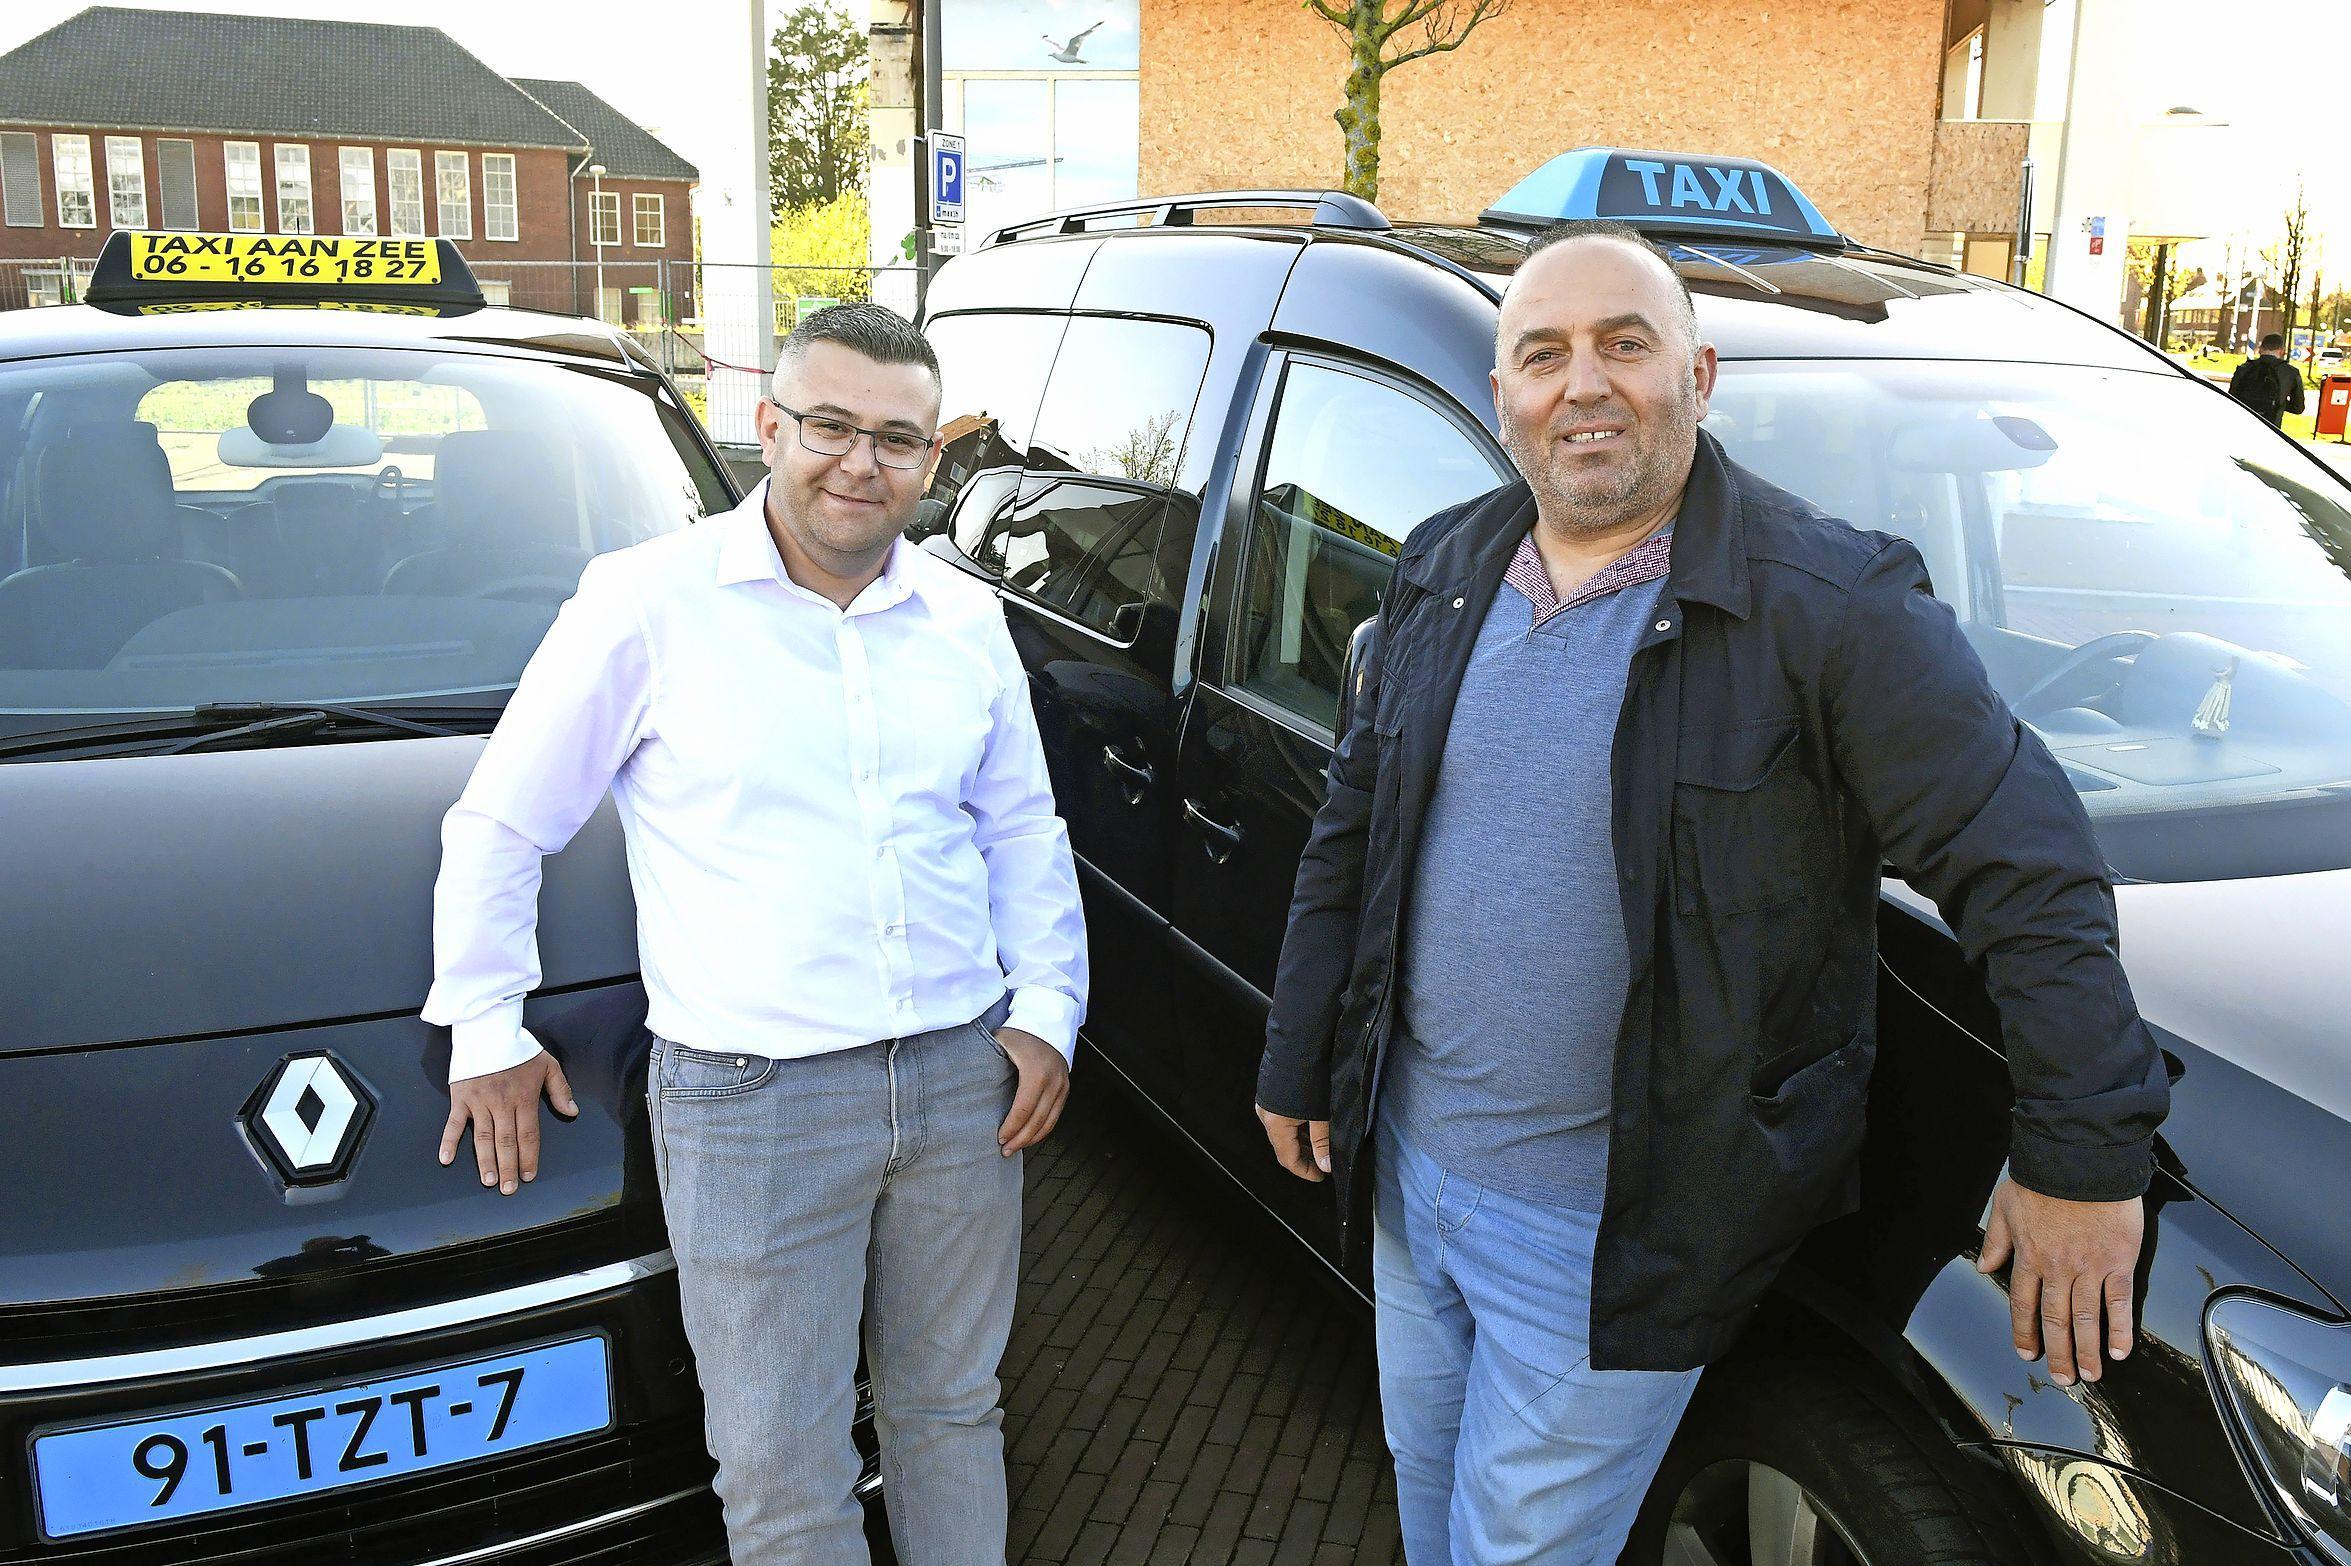 Eigenlijk jammer dat het voorbij is, die Ramadan, zeggen twee taxichauffeurs in Den Helder tegen elkaar. Ze hebben het er allebei weer op zitten